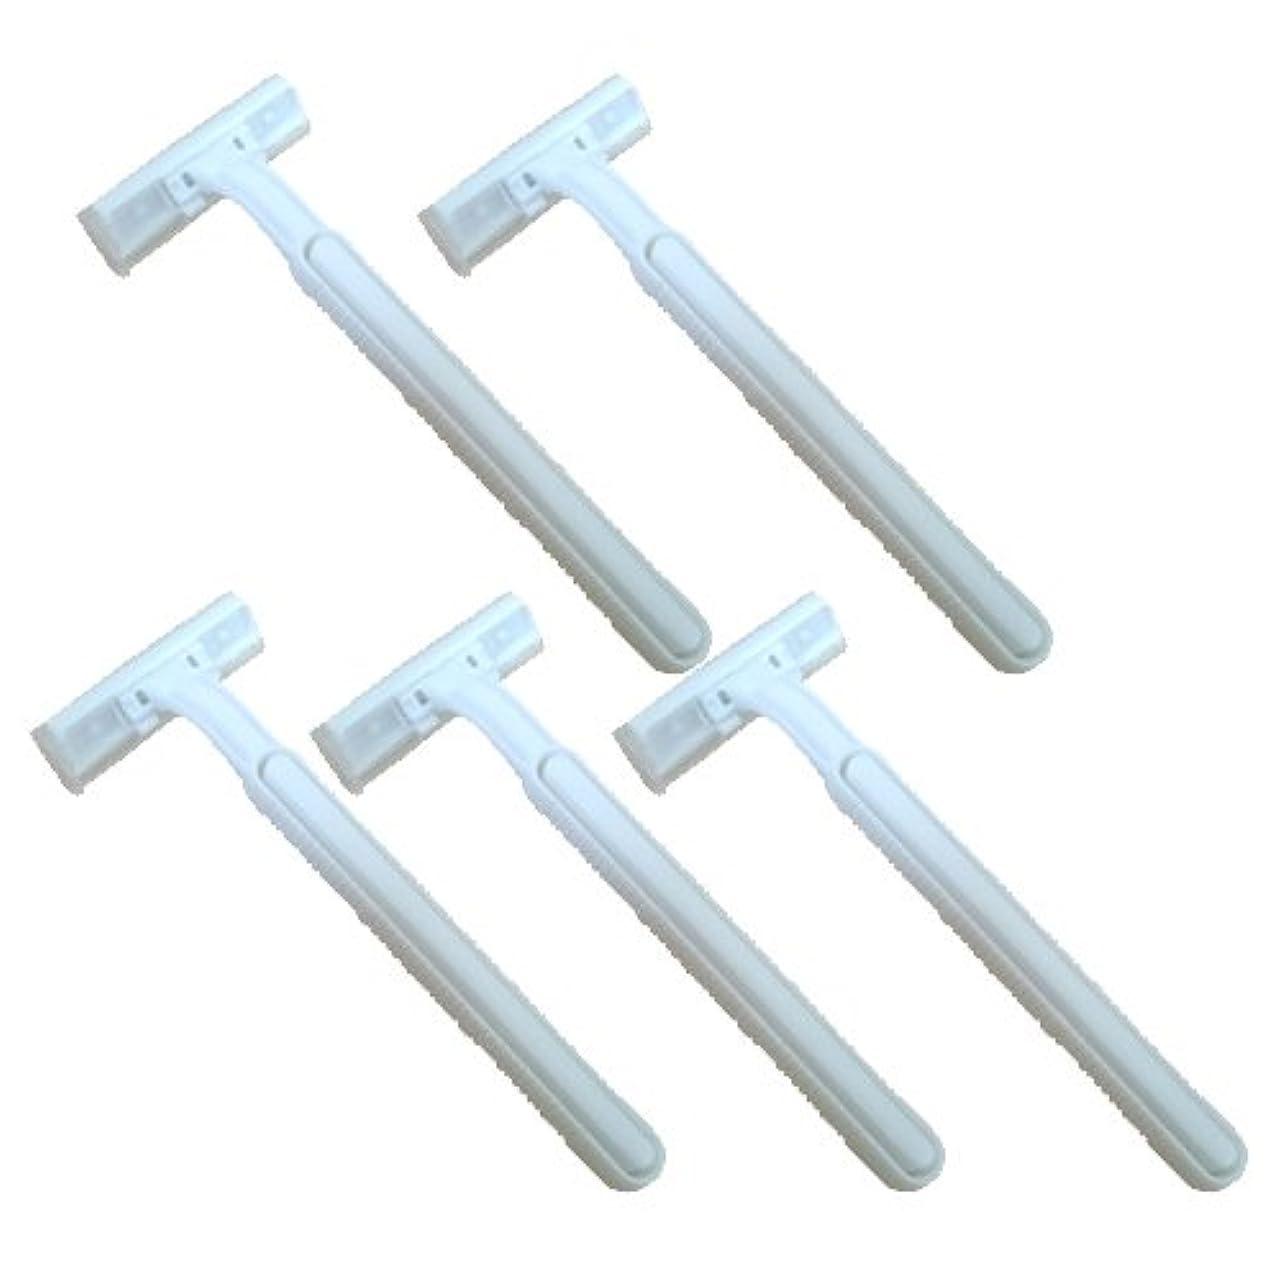 受け継ぐ格納珍味ホテル 業務用 使い捨てカミソリ 2枚刃 × 5個セット (SWE-01)